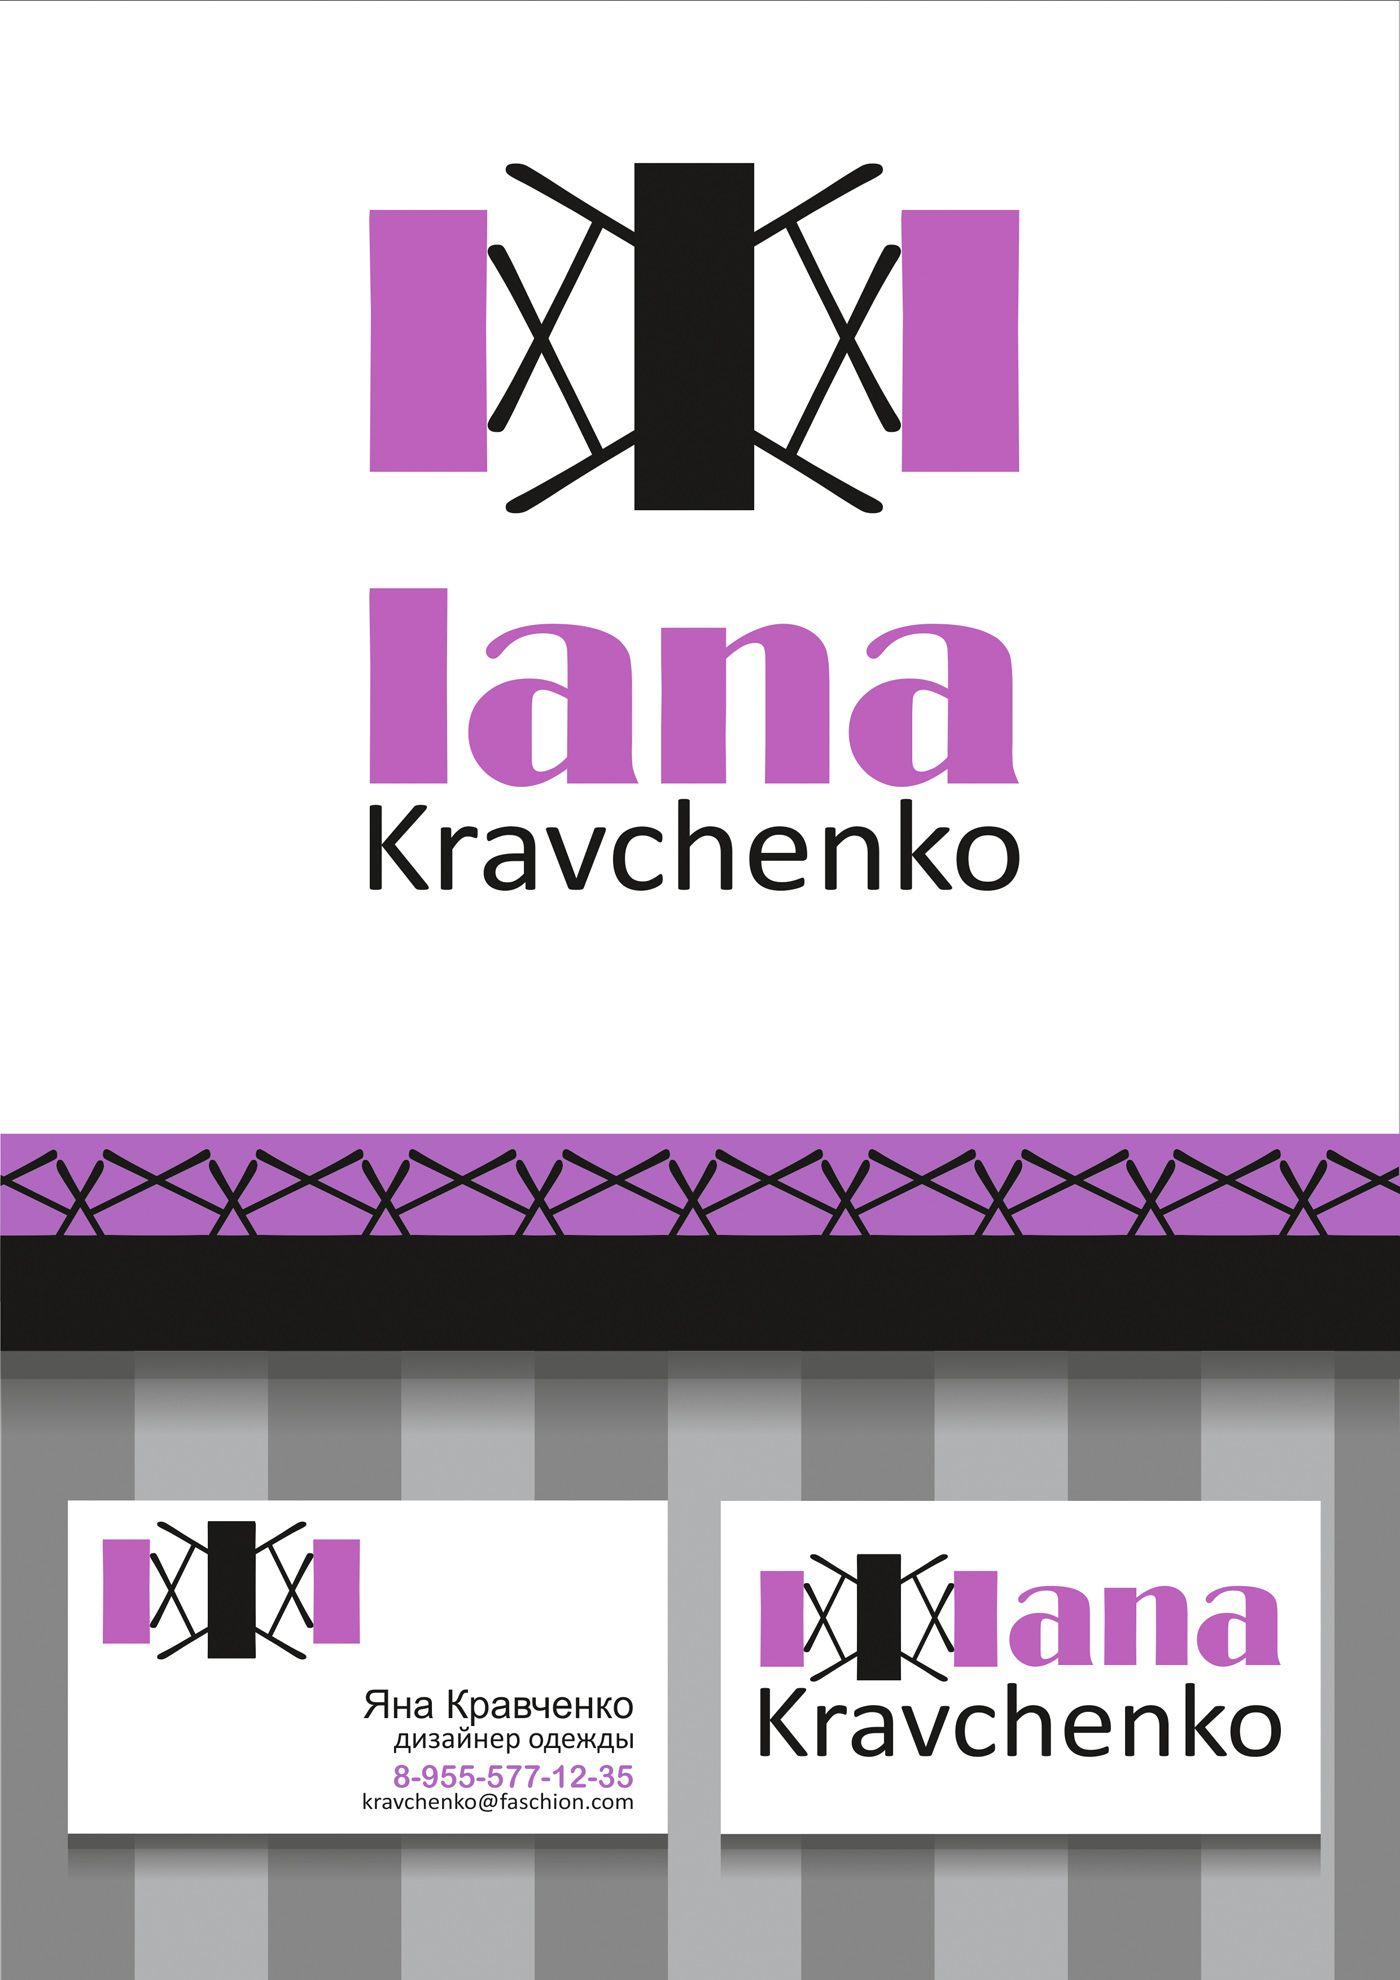 Логотипа и фир. стиля для дизайнера одежды - дизайнер Elya74